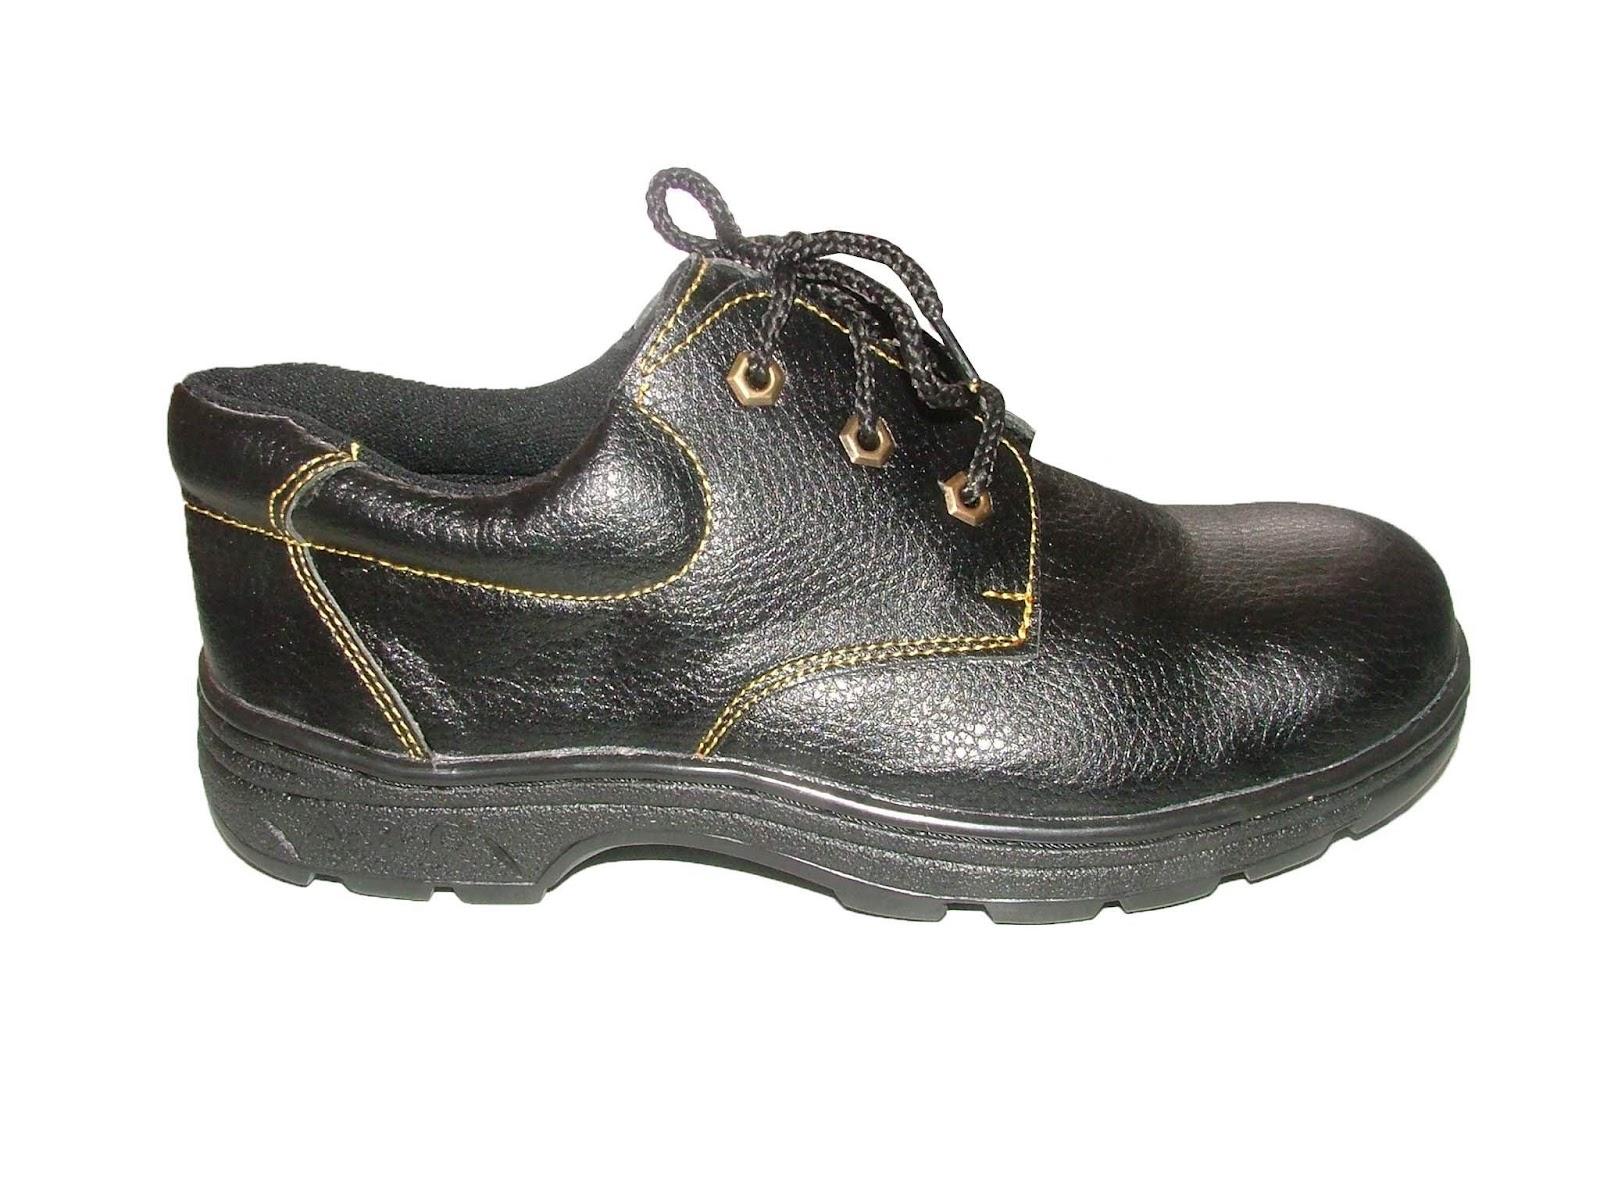 Những lý do bắt buộc bạn phải sử dụng giày bảo hộ lao động